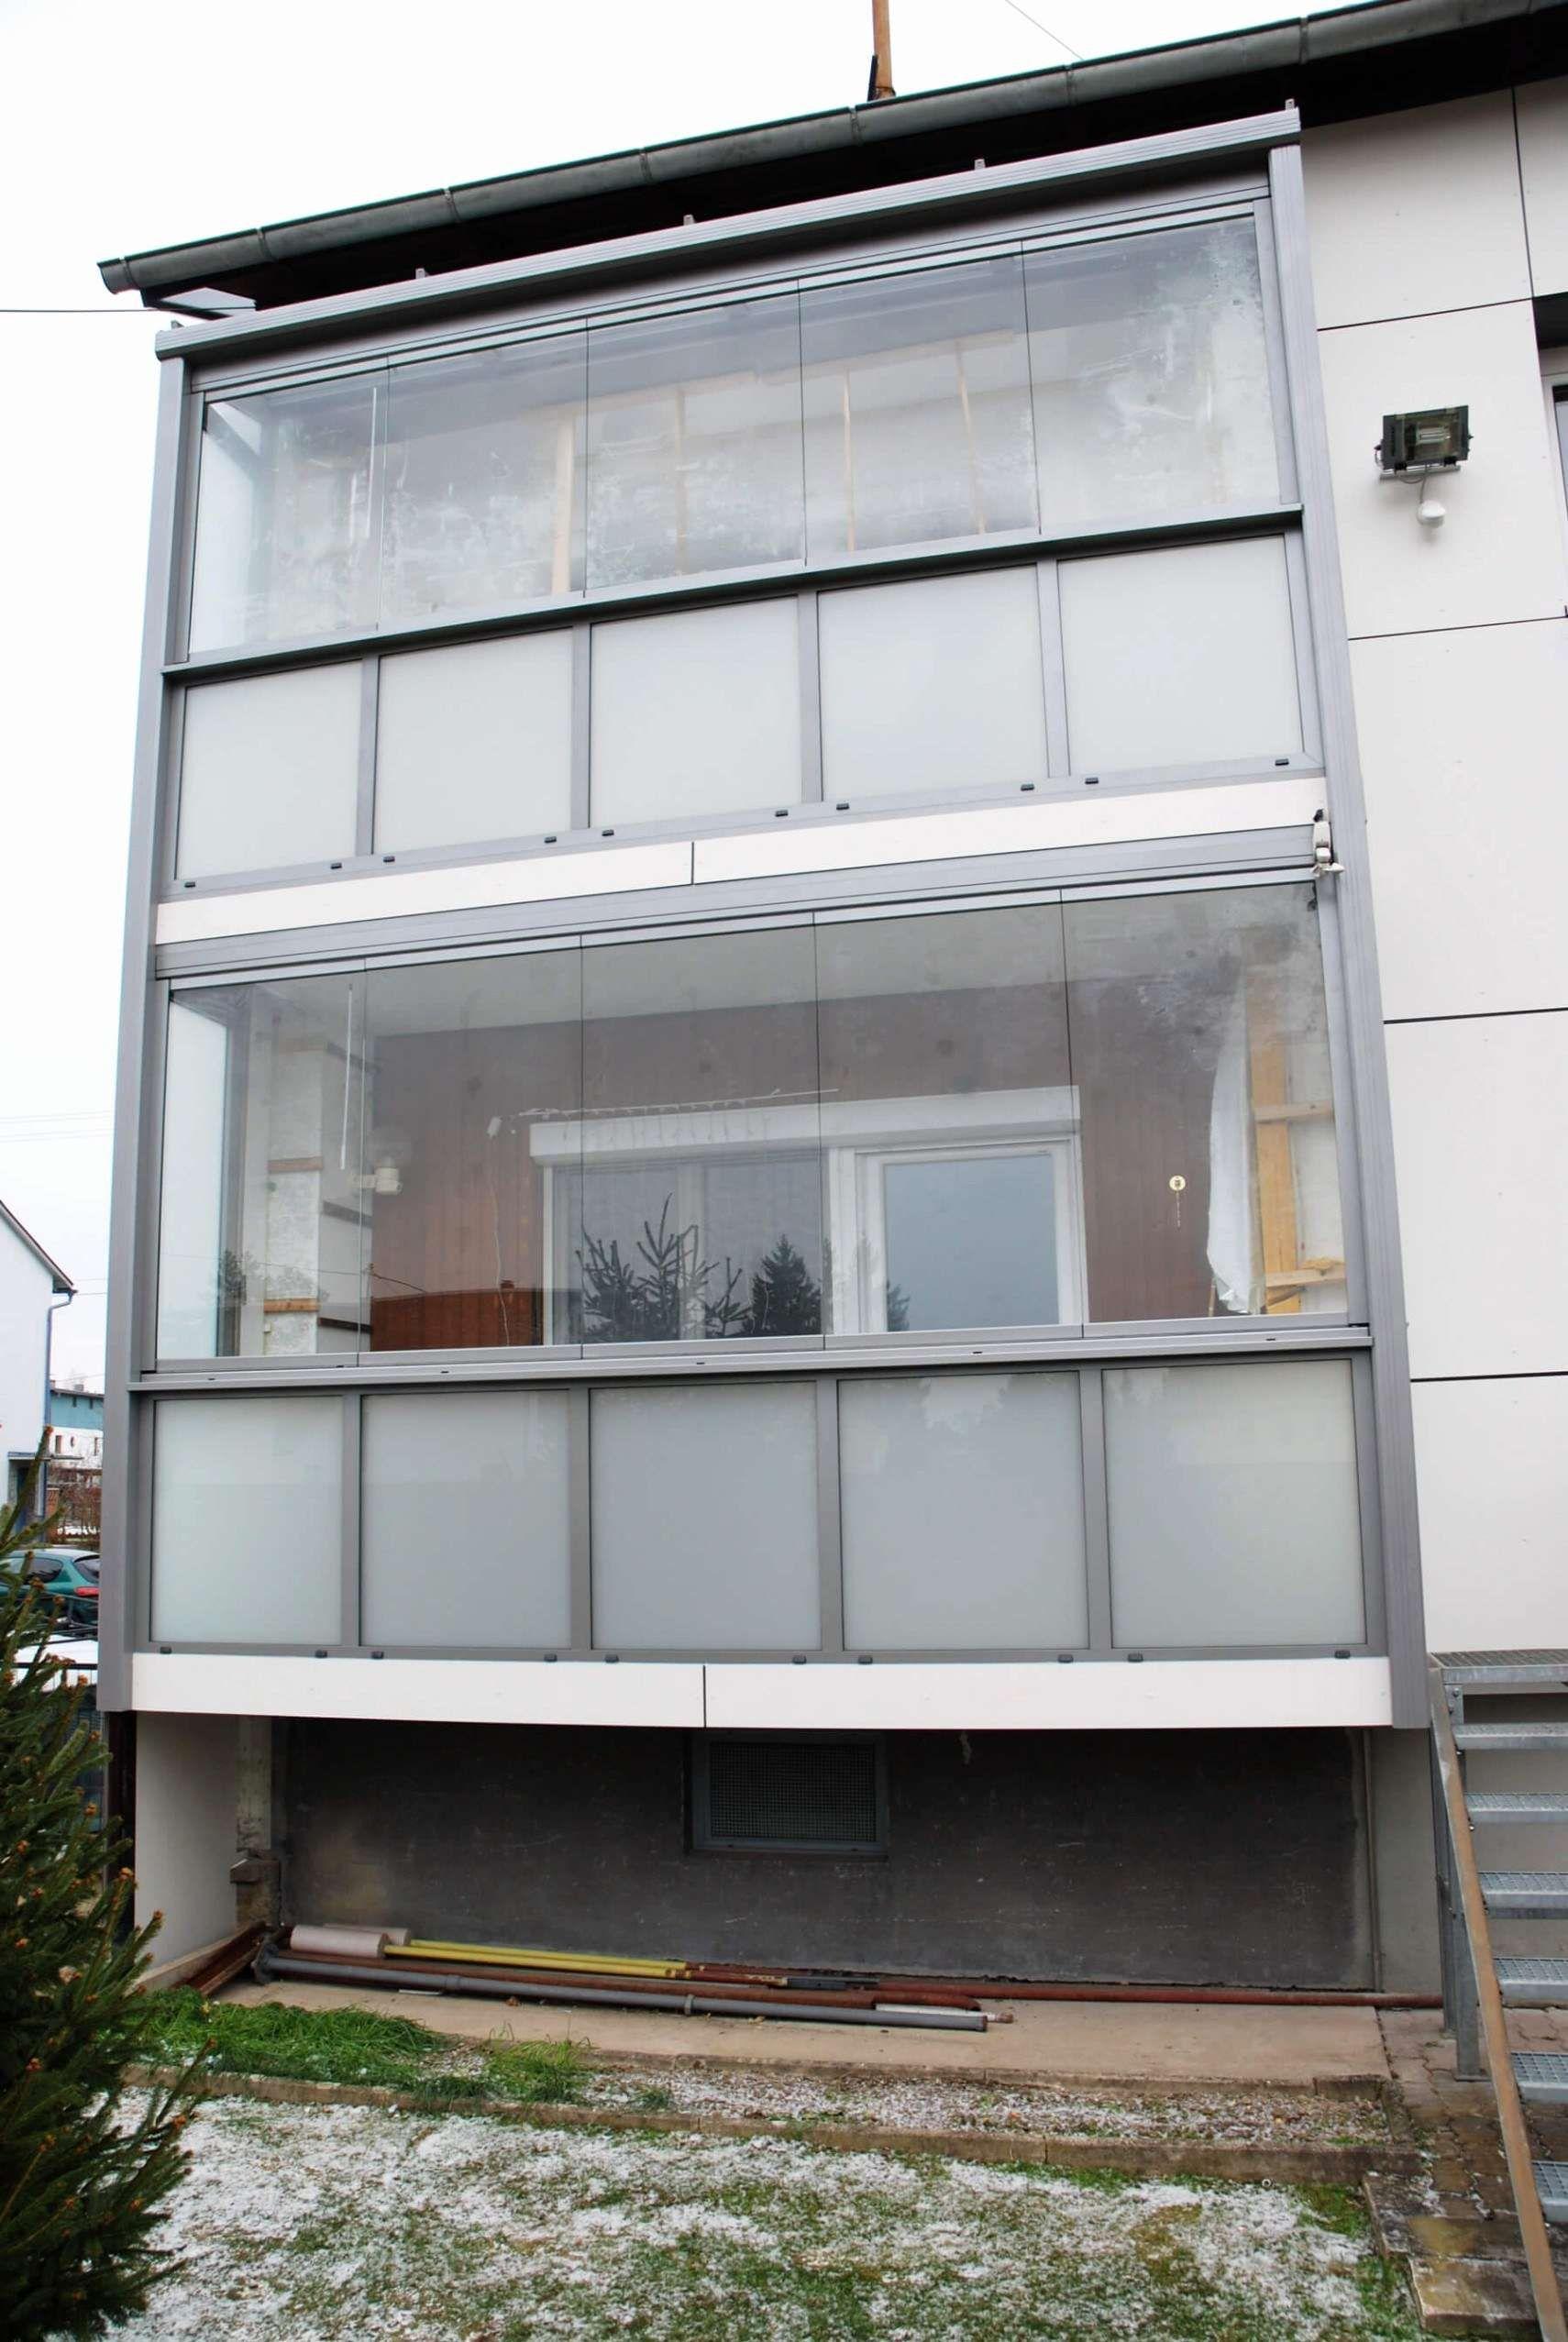 Balkon Sonnenschutz Ohne Bohren Seiten Markise Ohne Bohren Best Sonnensegel Balkon Ohne Bohre Architecture Details Home Decor New Homes